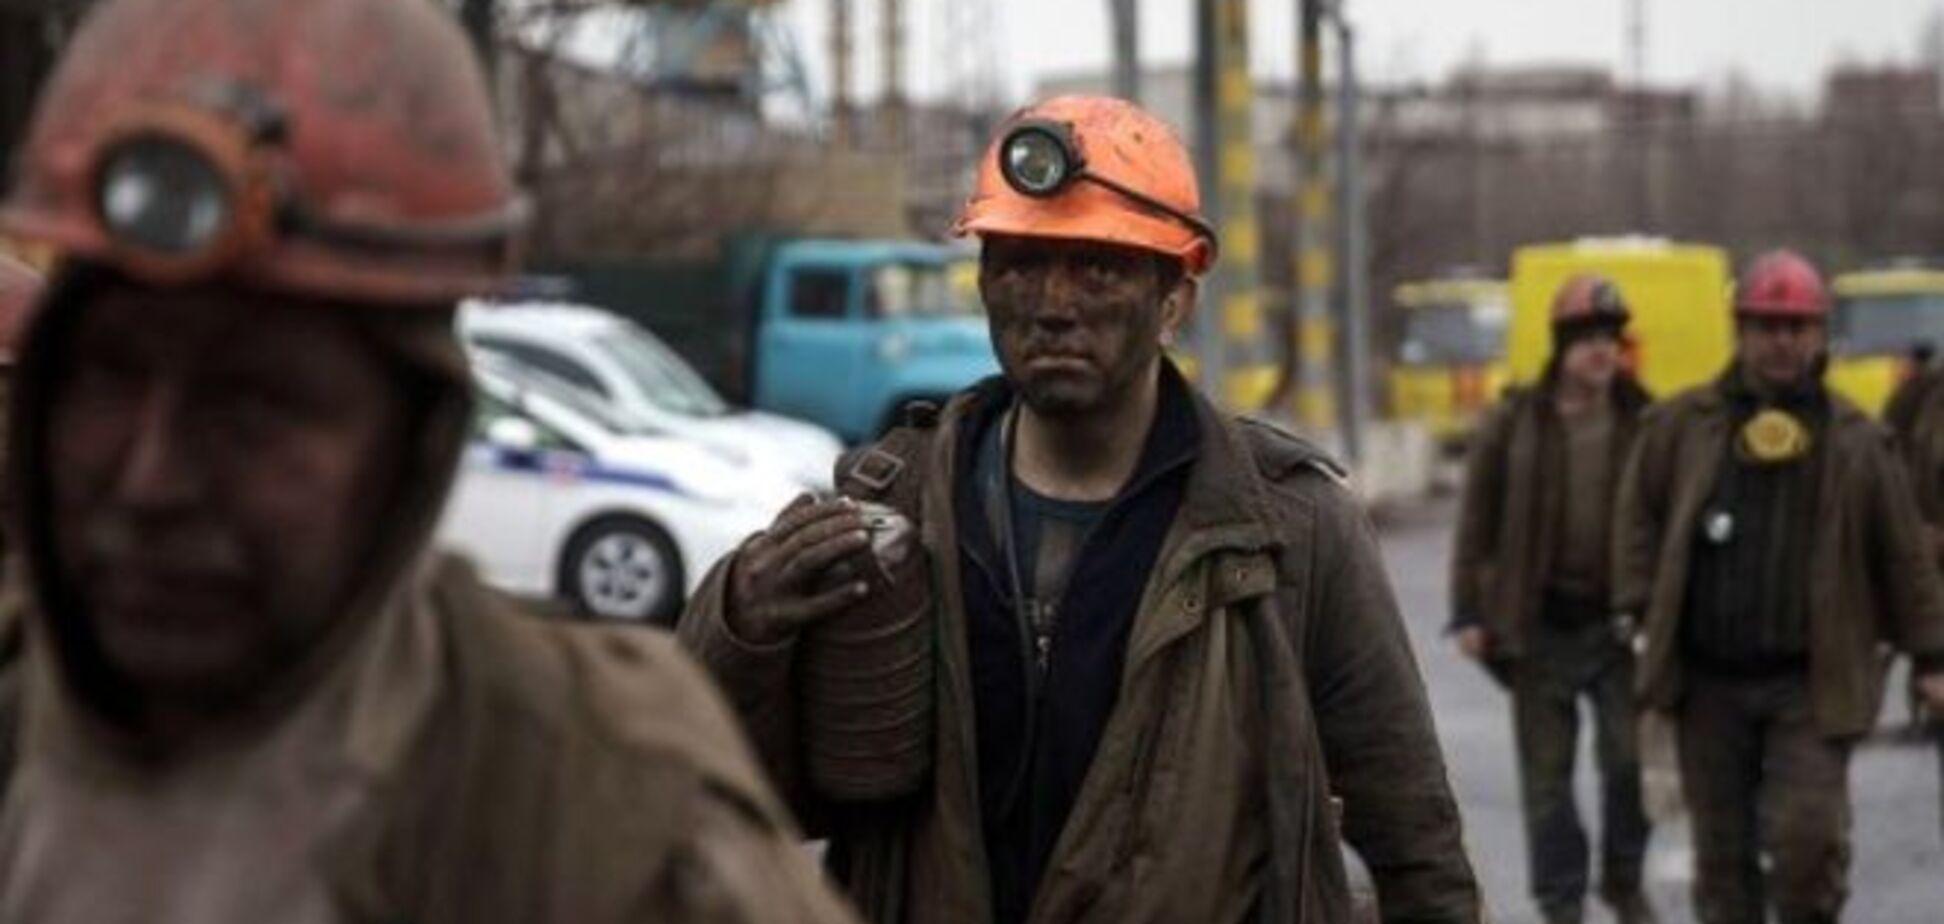 На шахты Донетчины пришла 'разнарядка': 'мобилизуют' по 250 человек в ряды 'ДНР'